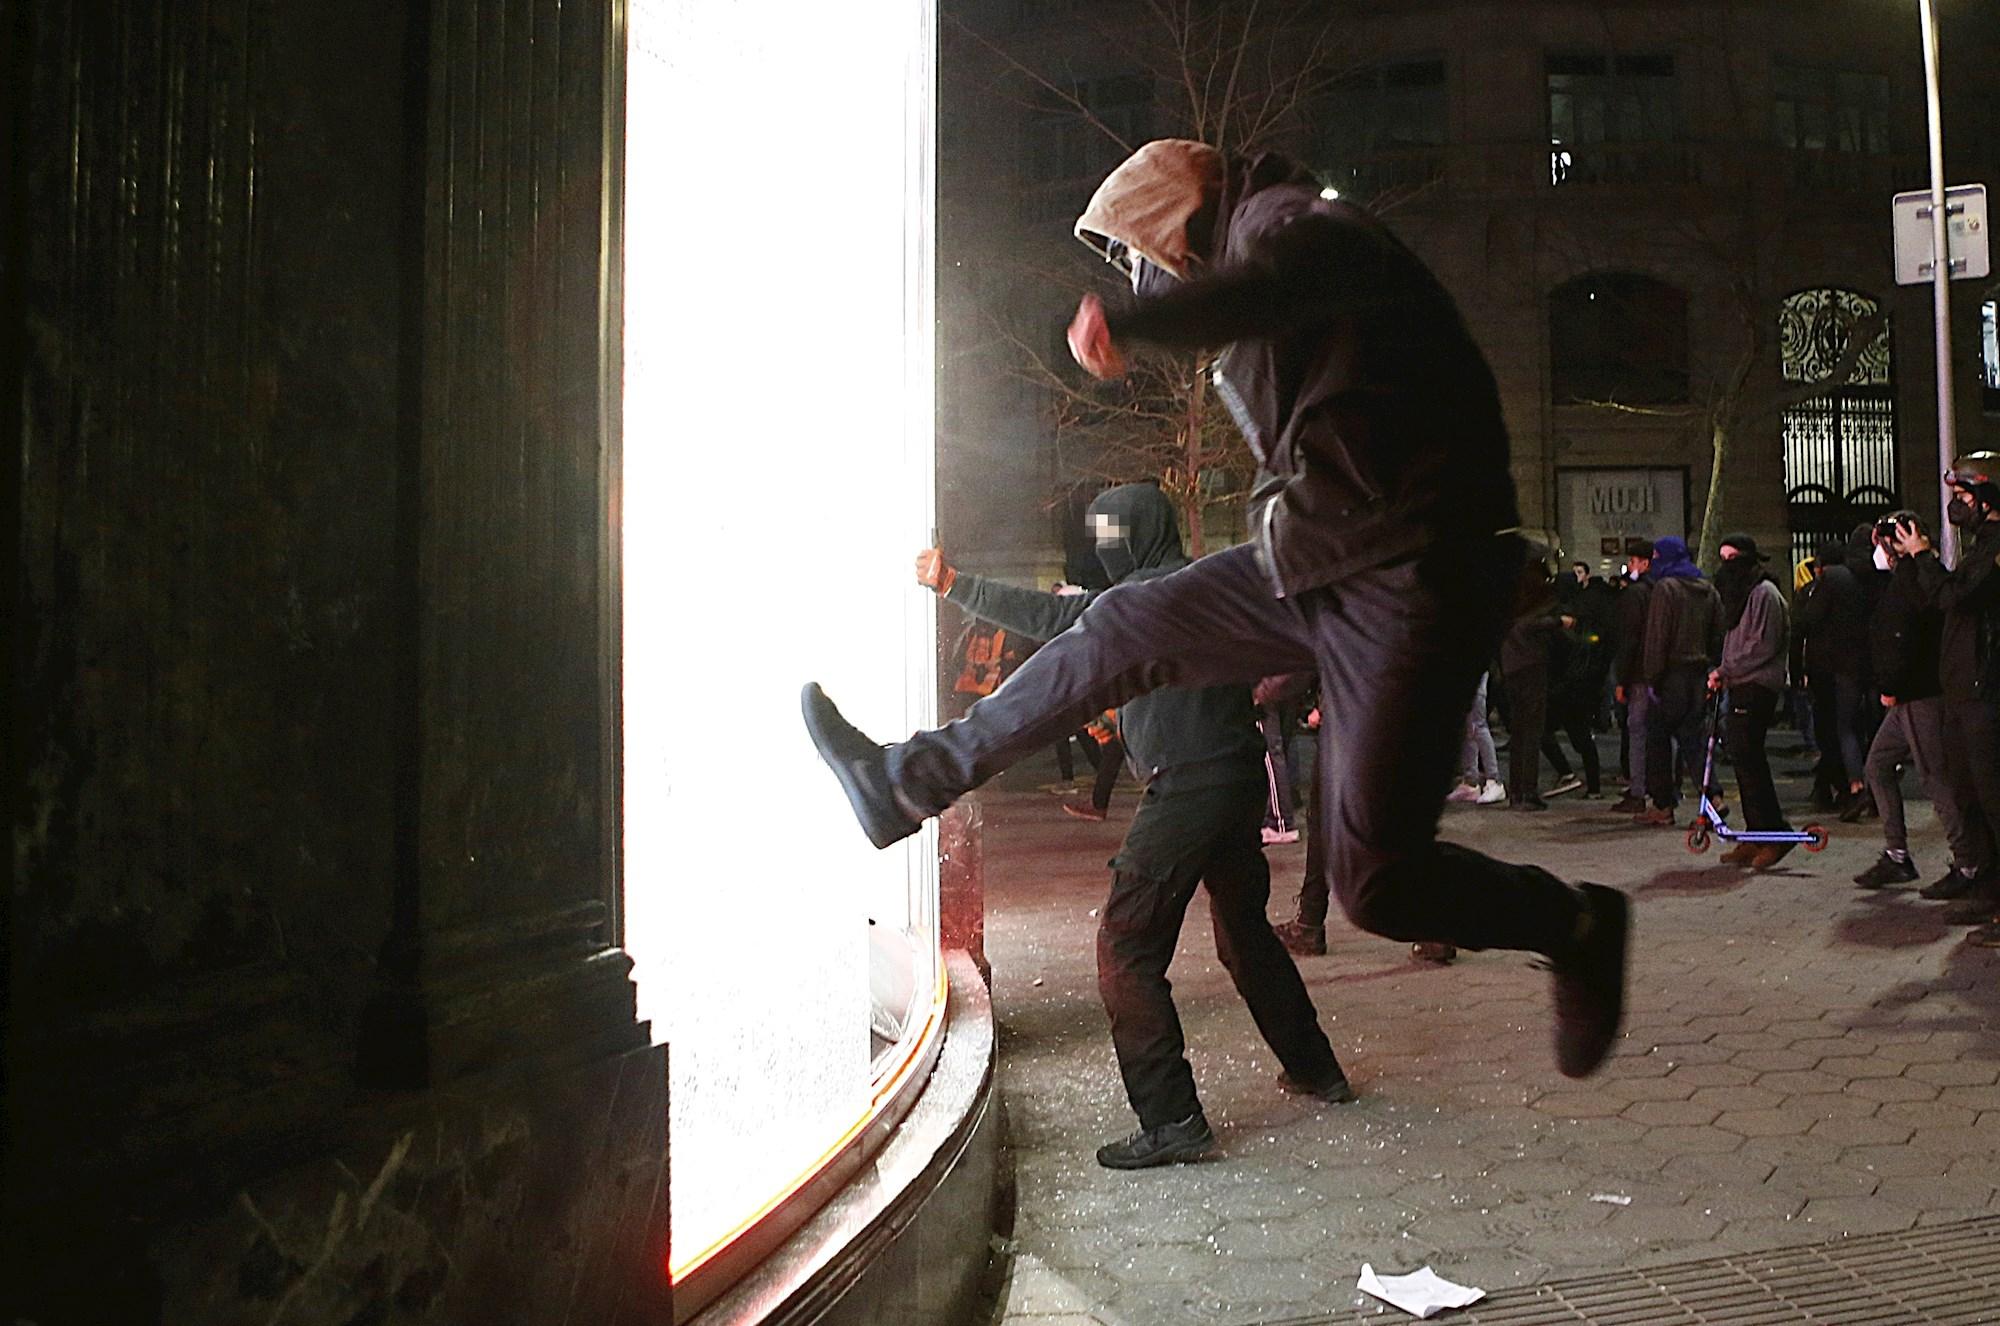 Manifestantes tratan de romper un escaparate de una tienda en el centro de Barcelona, el 20 de febrero de 2021, durante las protestas por el encarcelamiento del rapero Pablo Hasél | EFE/QG/Archivo